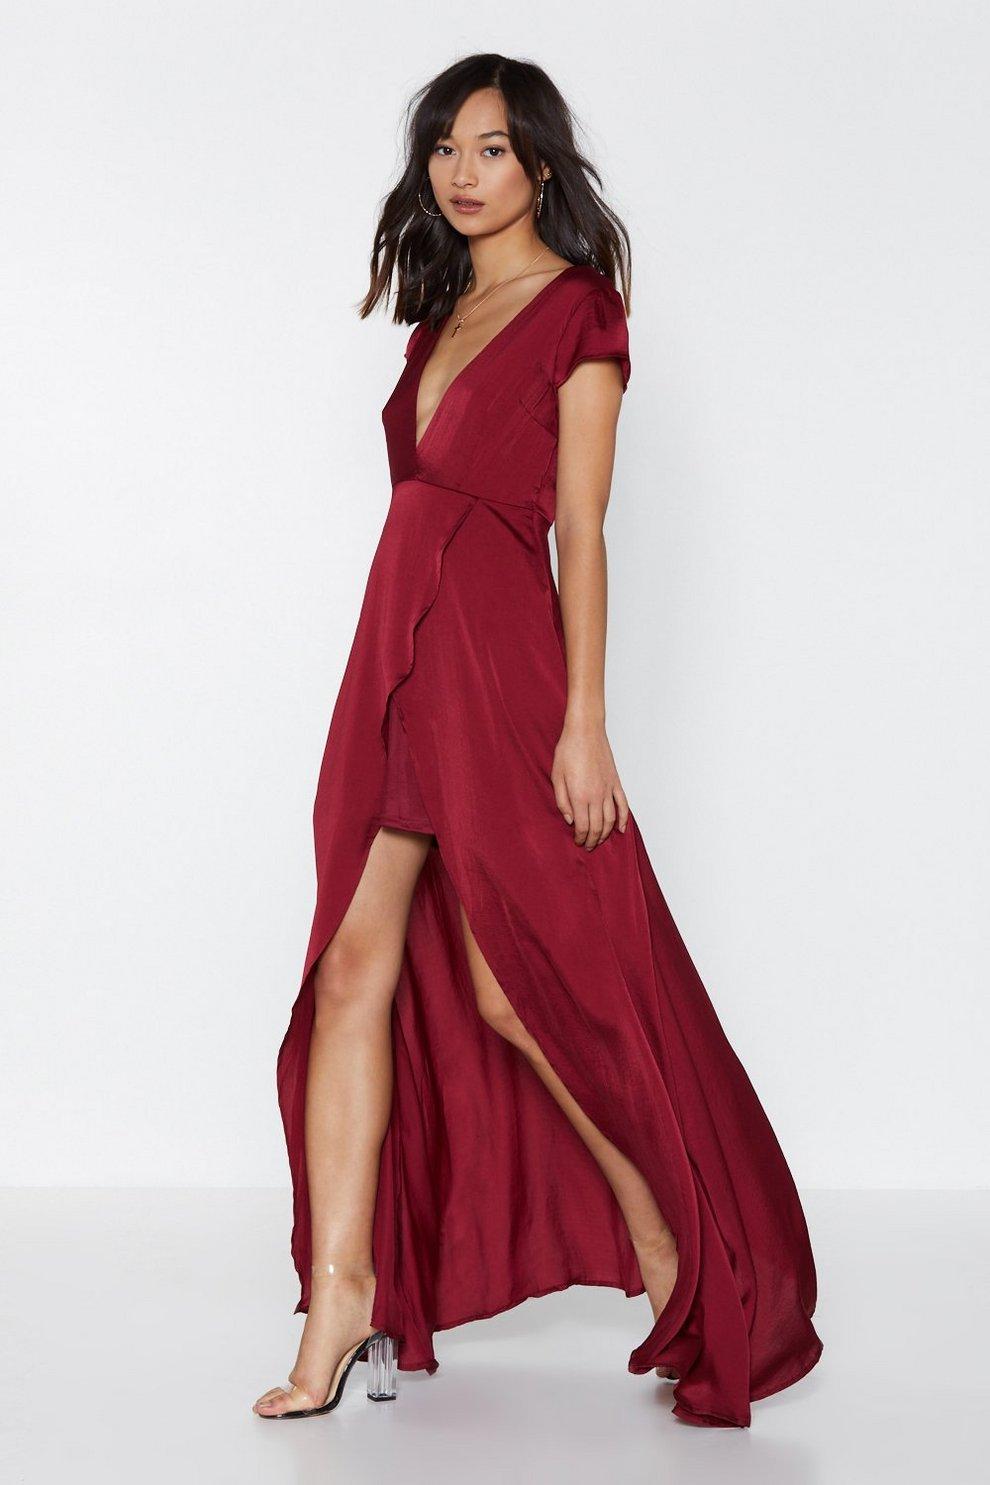 a4b7c855f2e8f False Move Satin Dress | Shop Clothes at Nasty Gal!